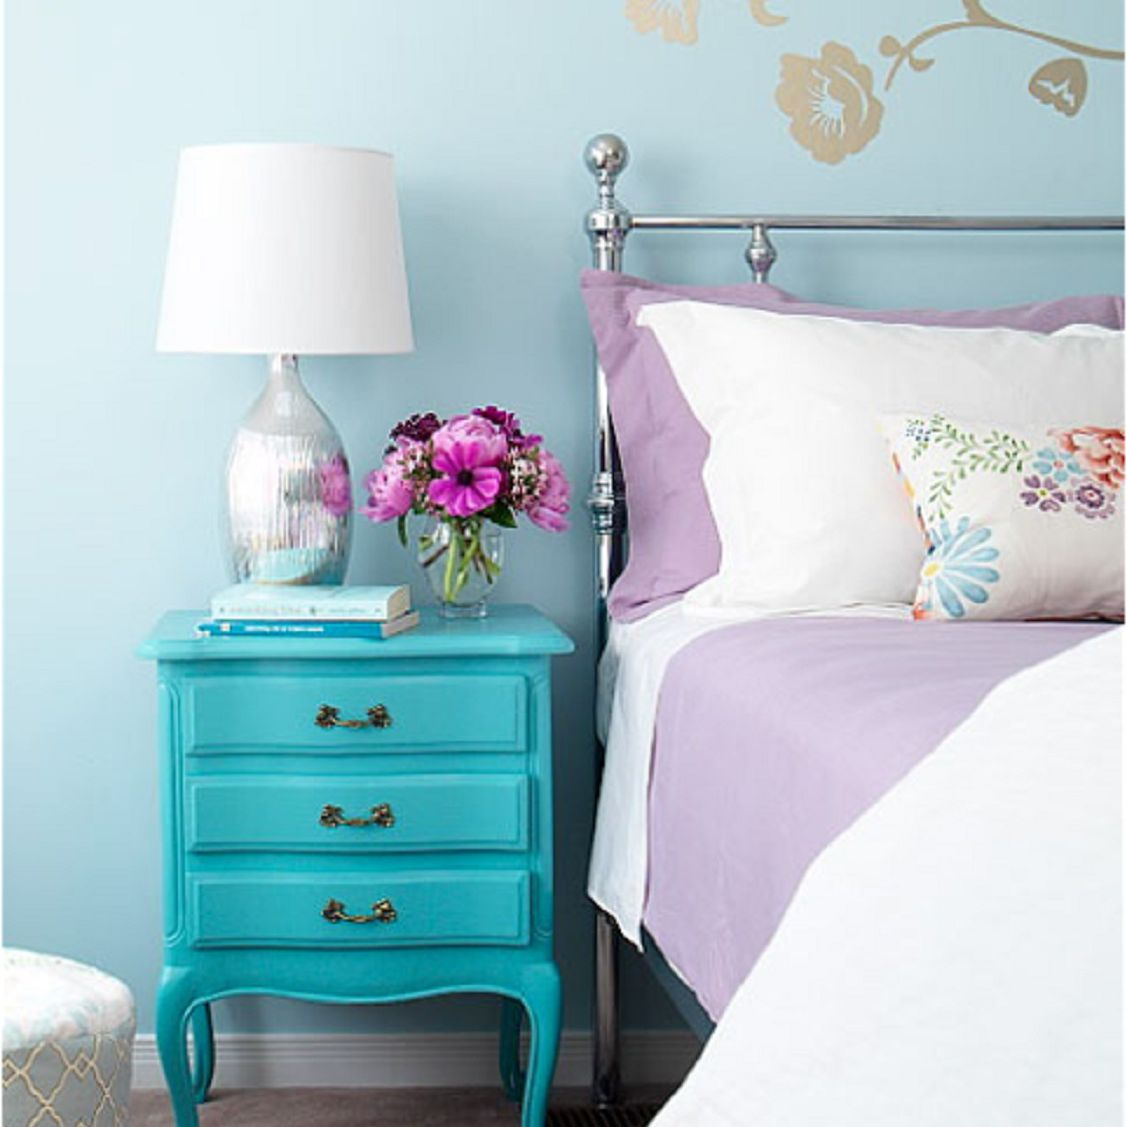 Turquoise dresser in a vintage bedroom